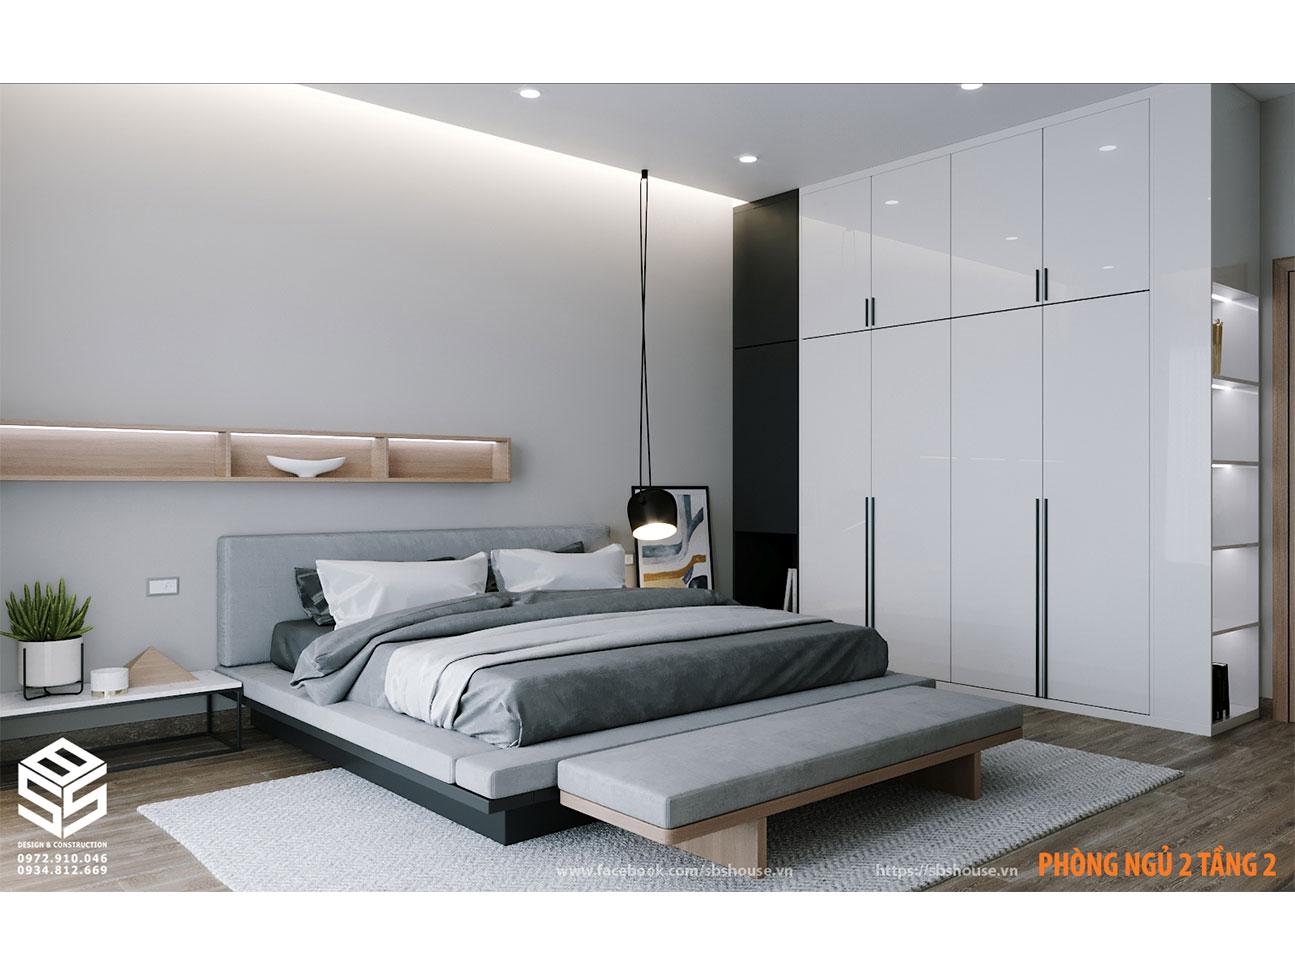 Mẫu thiết kế phòng ngủ hiện đại